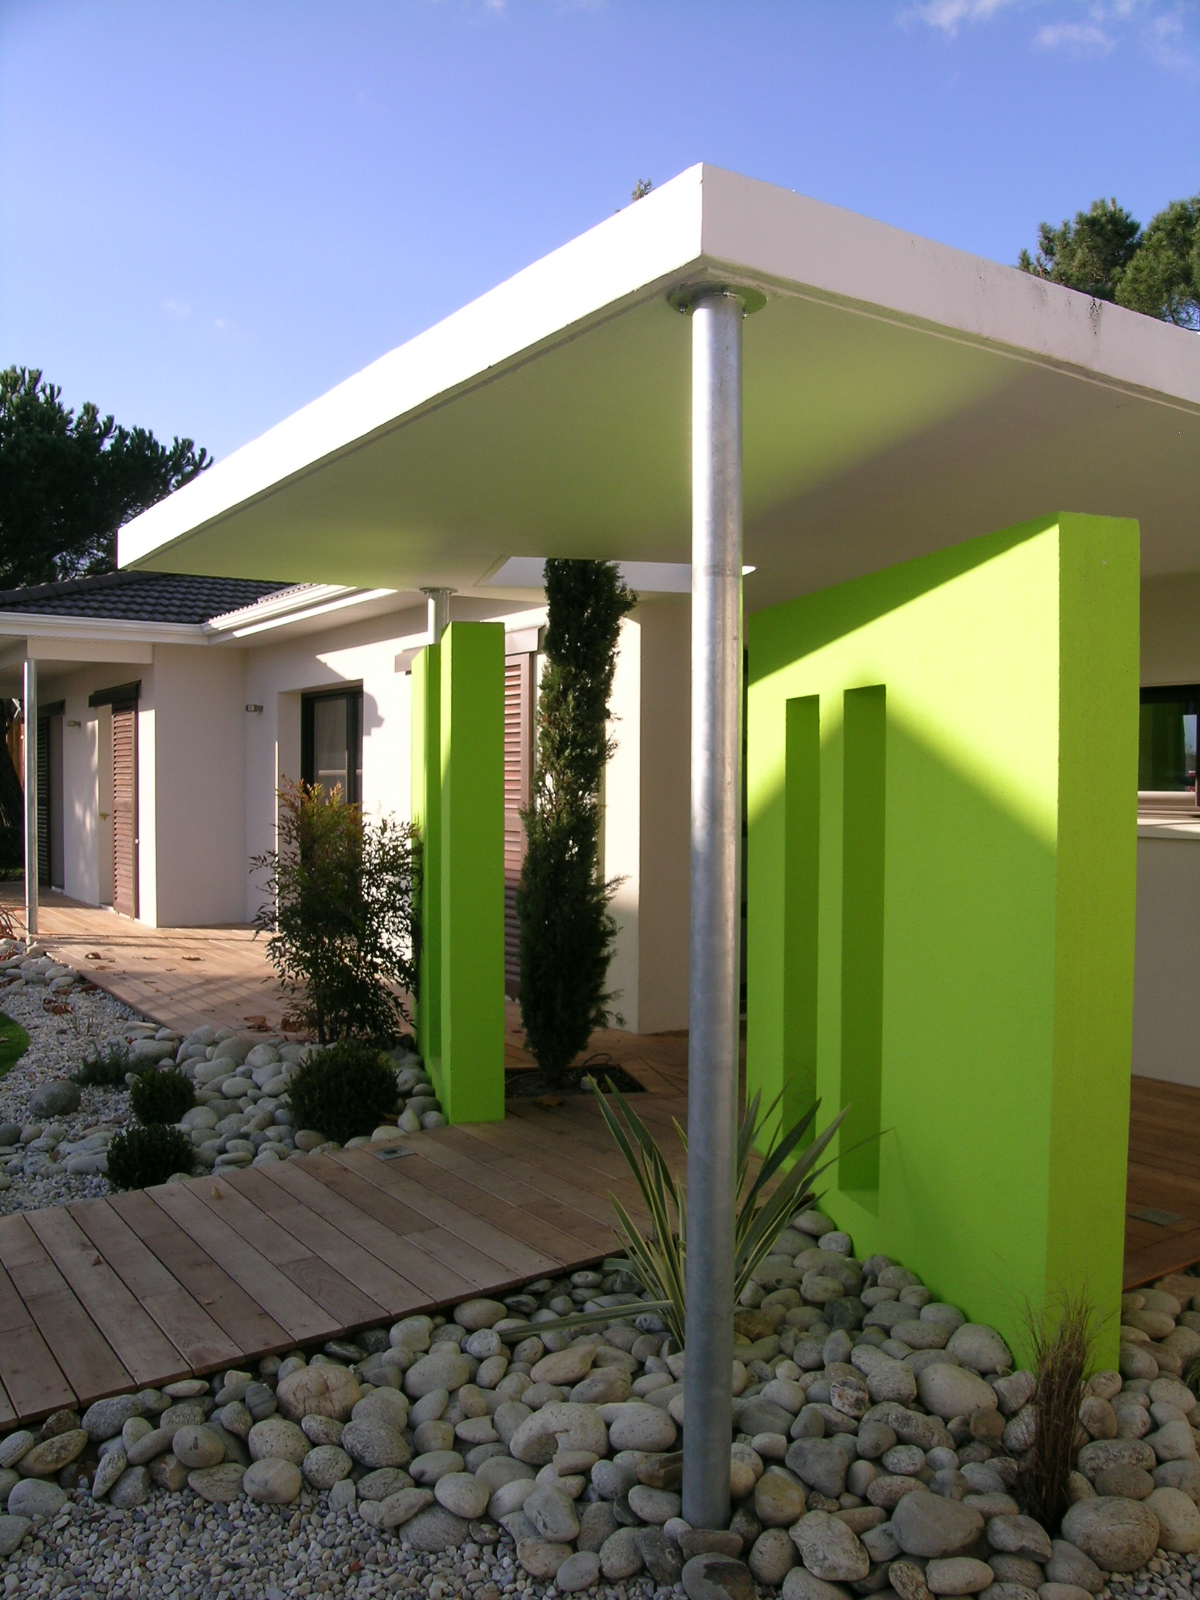 Igc construction constructeur maisons individuelles for Constructeur de maison individuelle haute loire